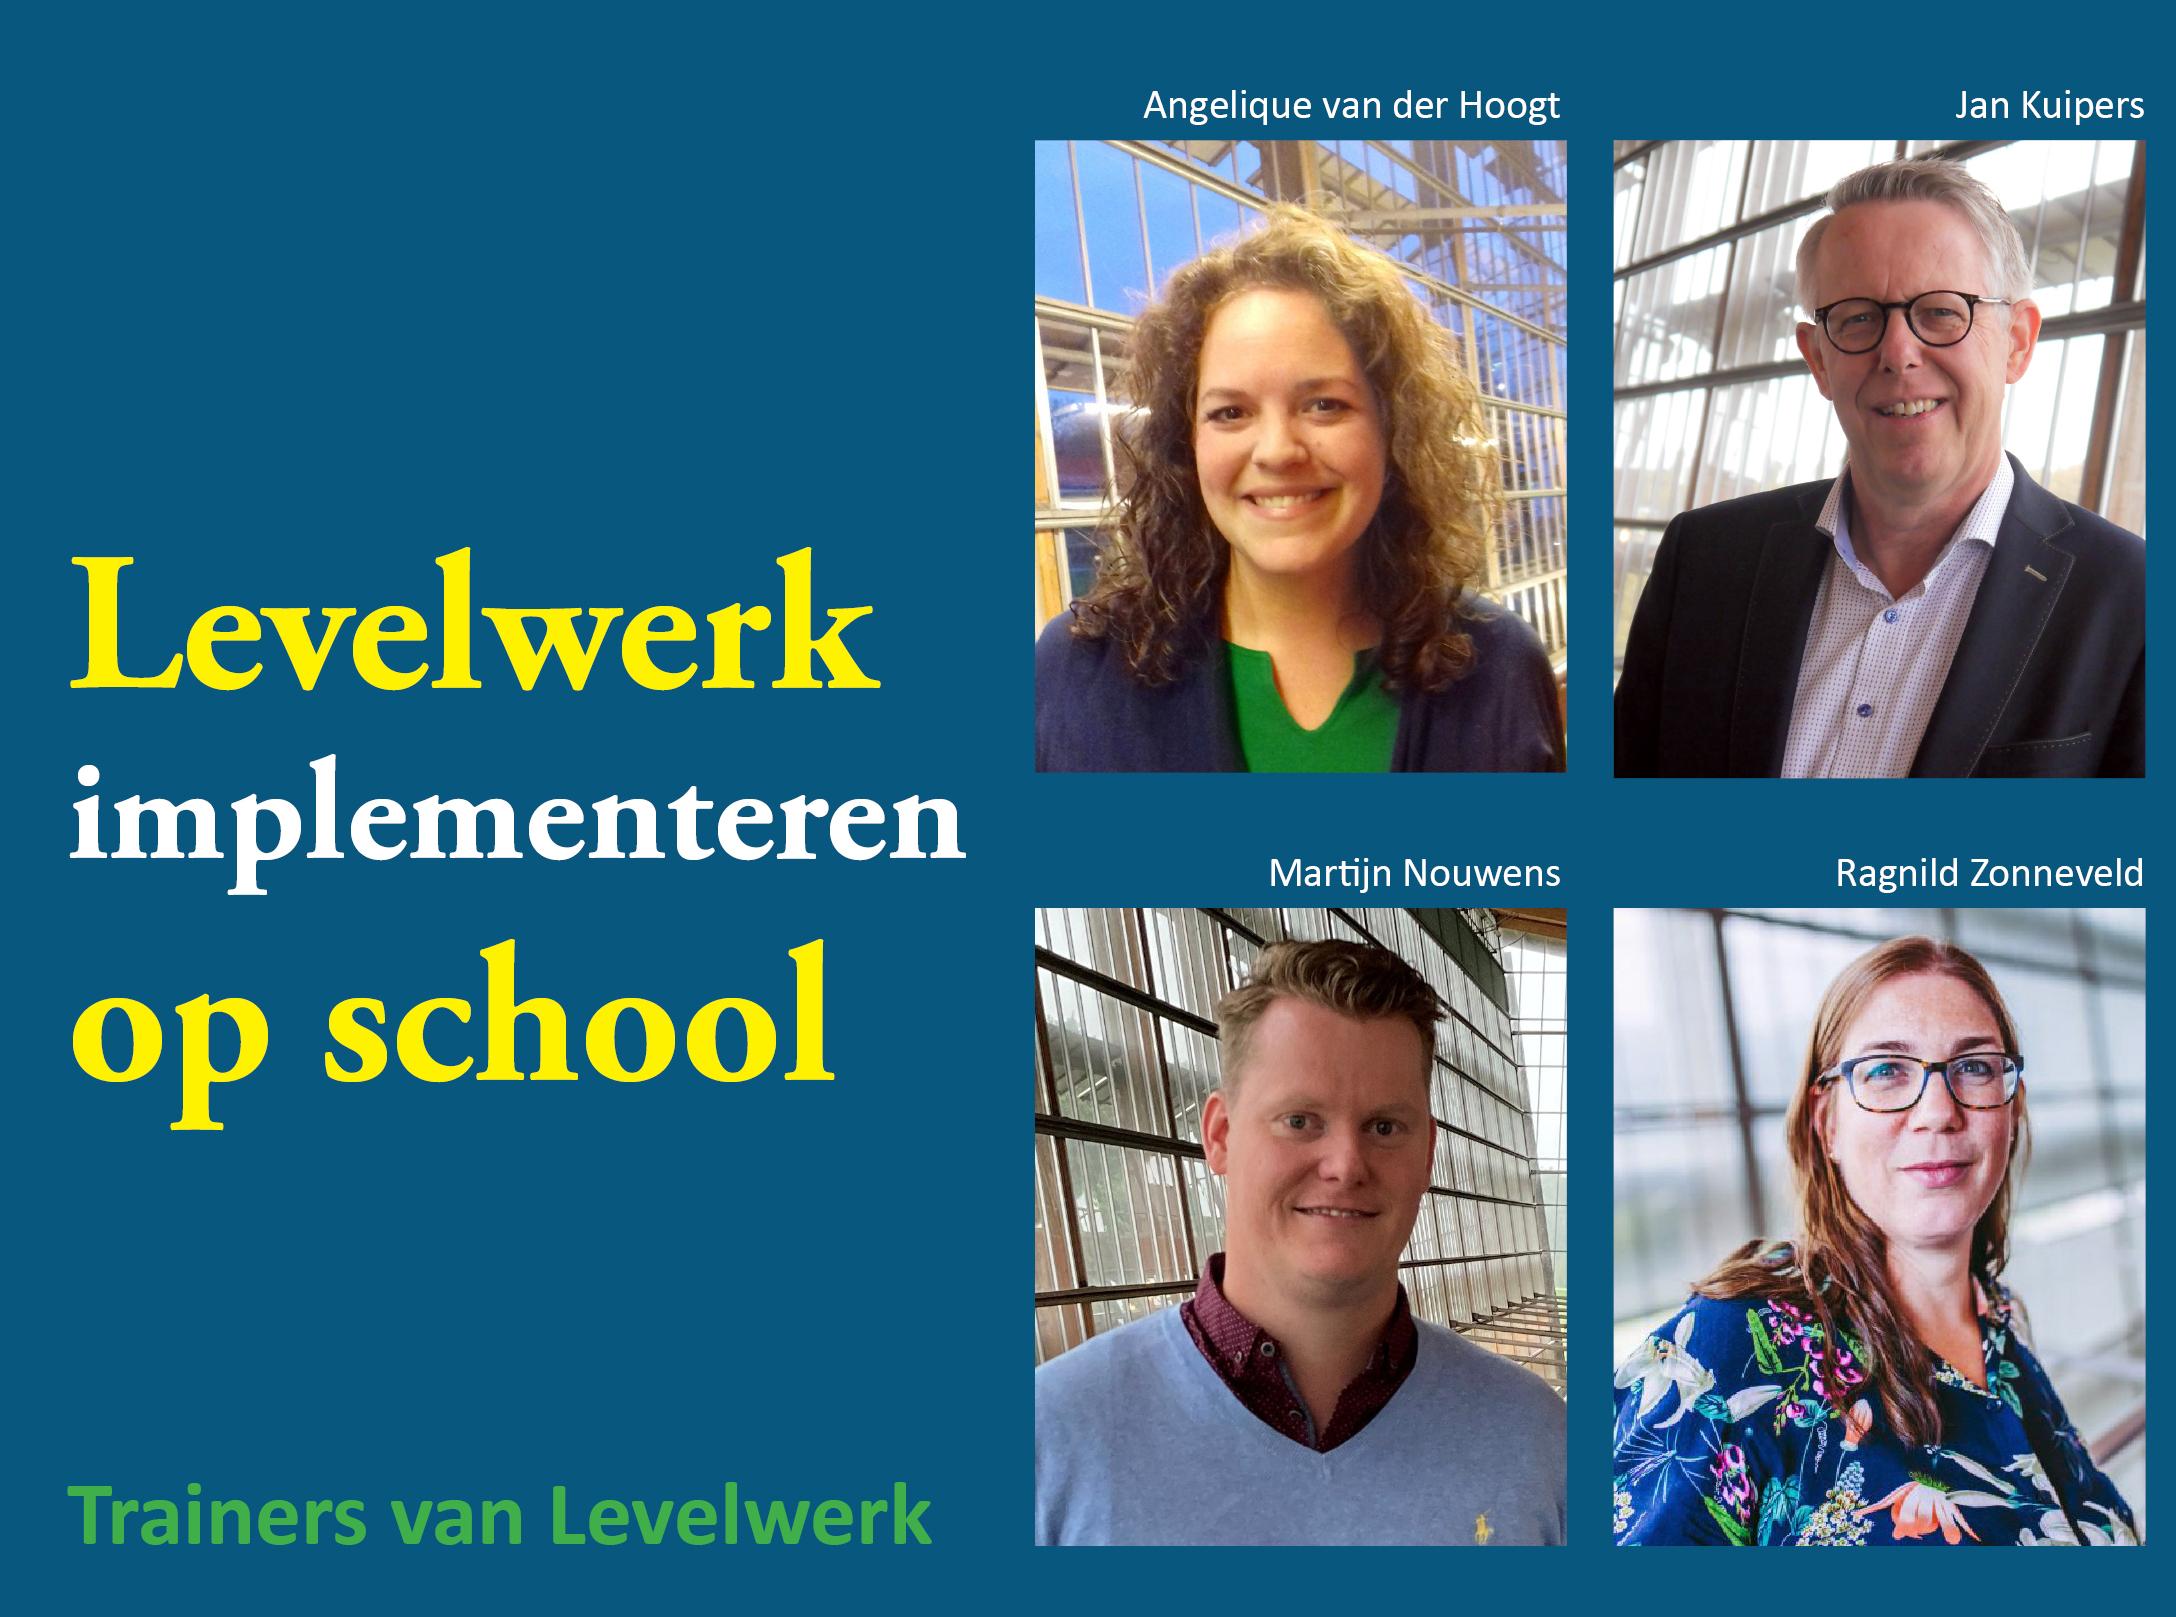 Hoe implementeer je Levelwerk op school?